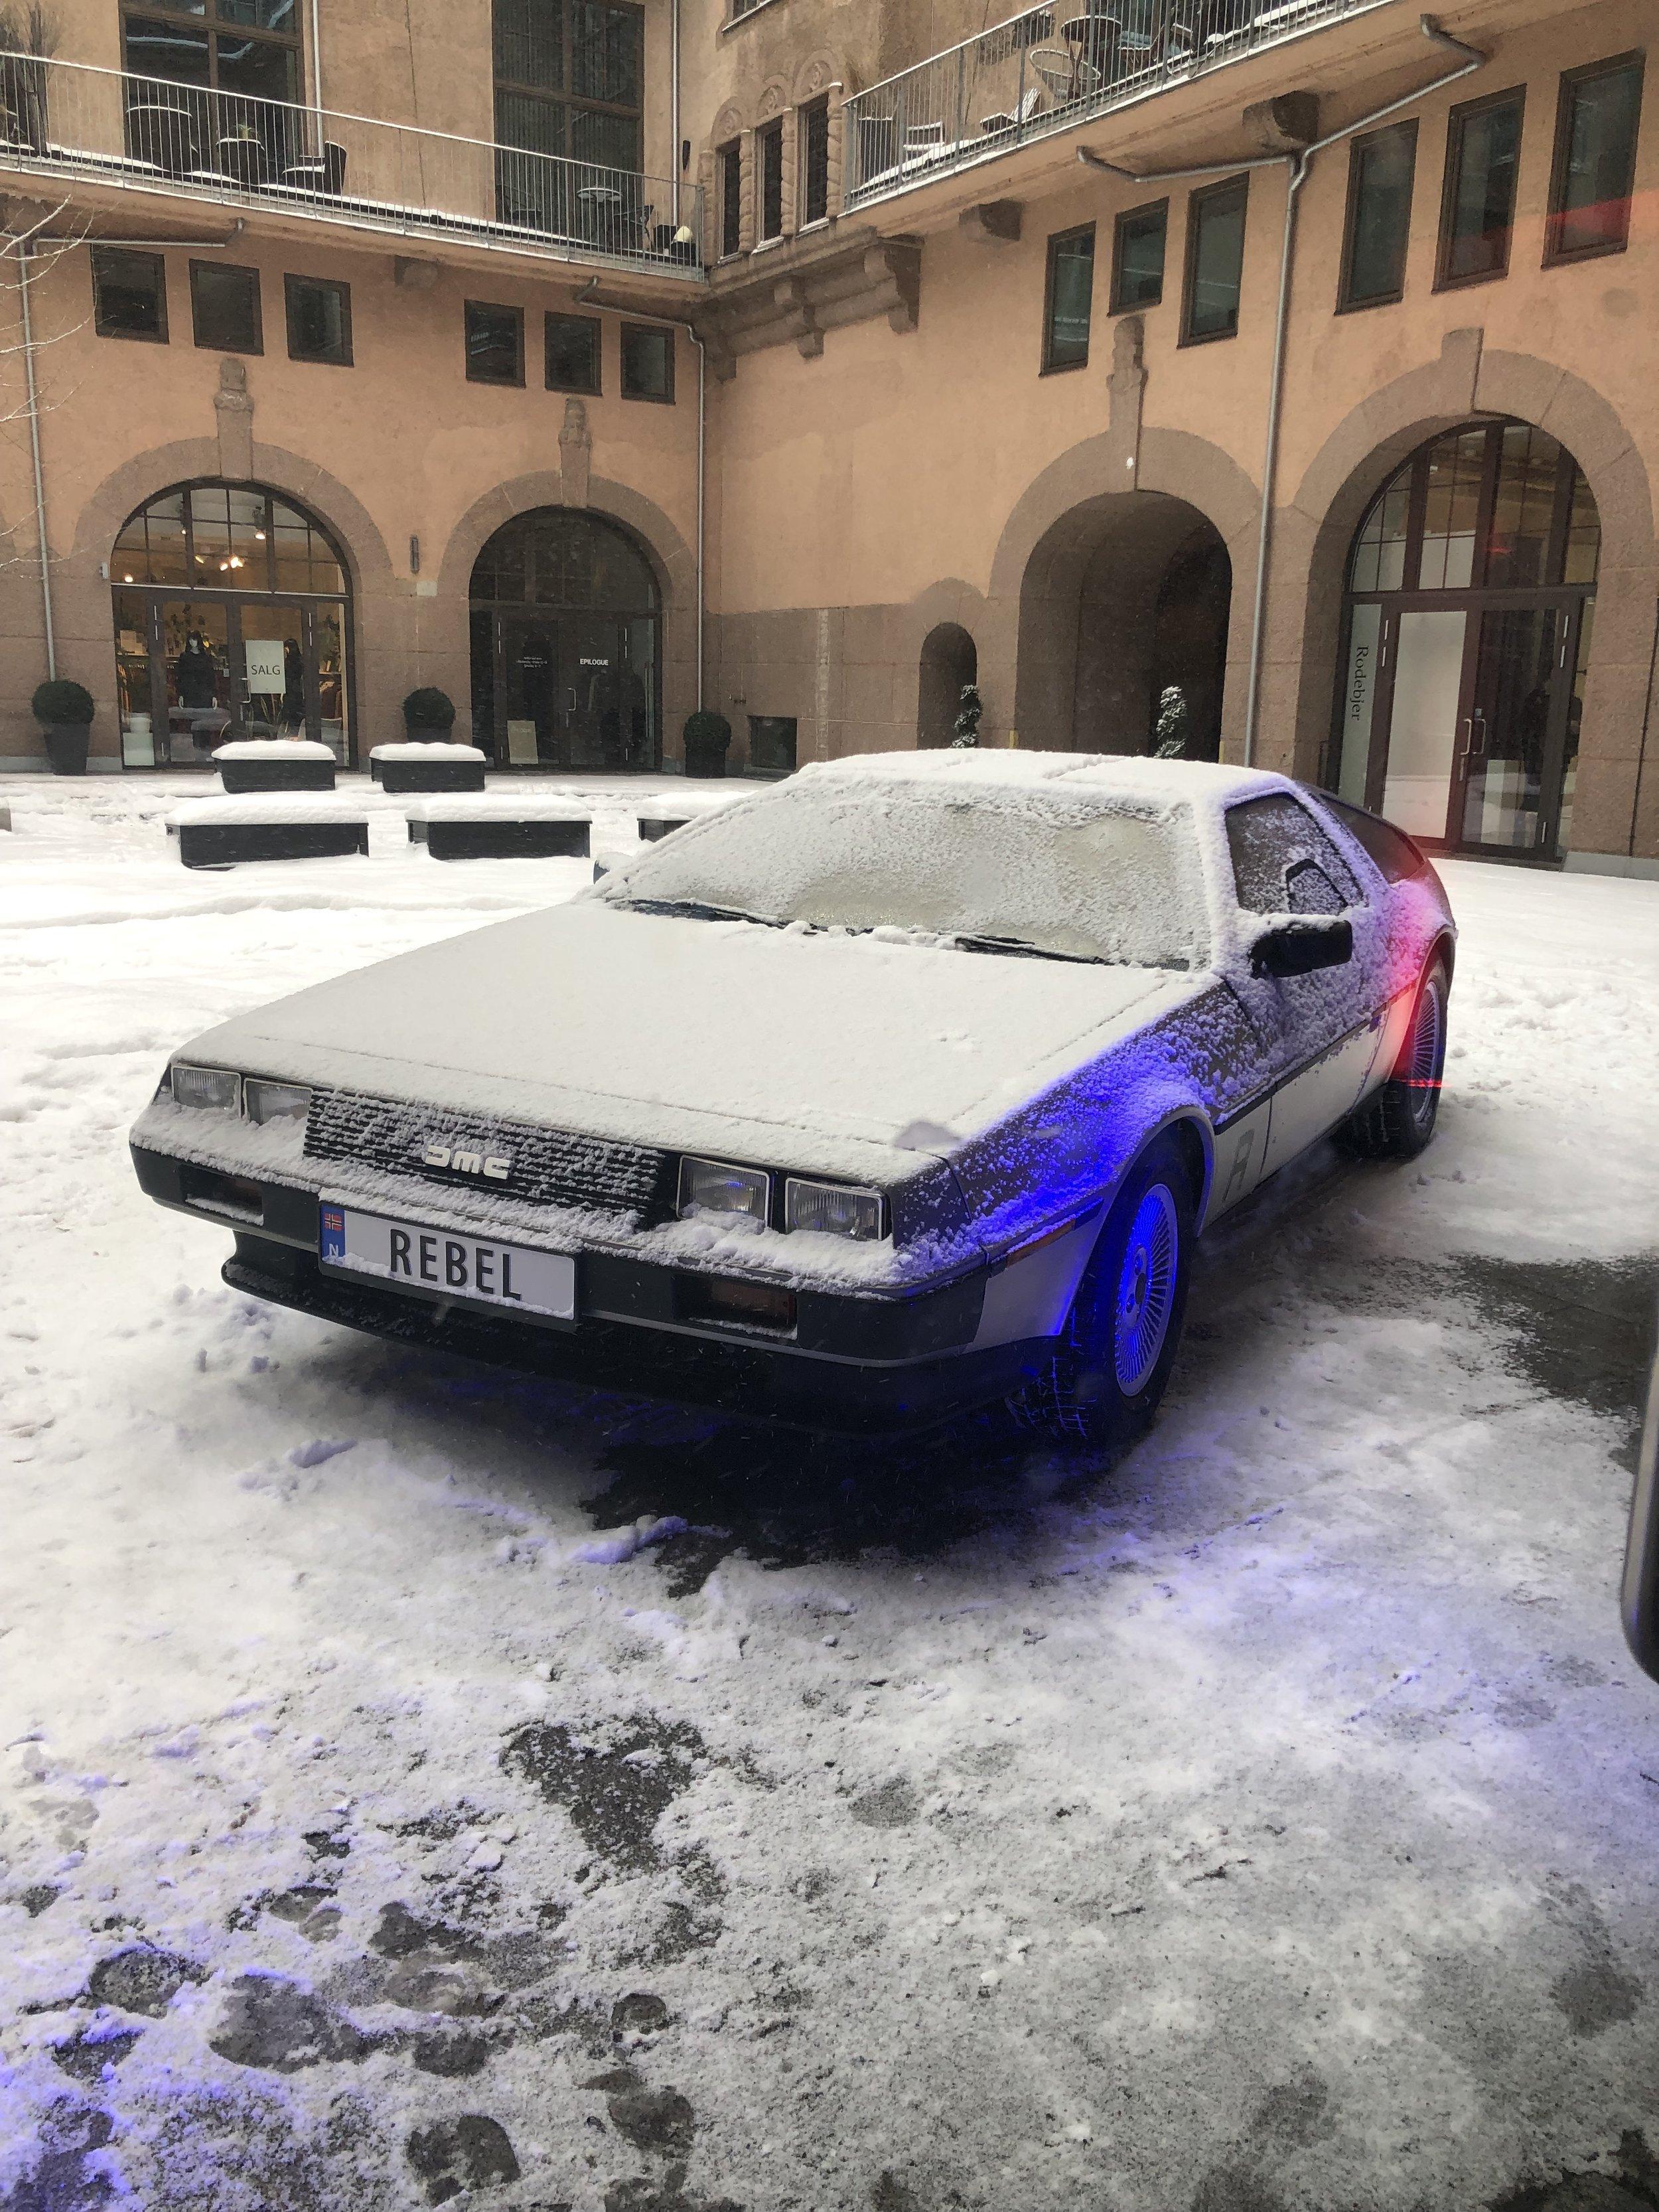 En DeLorean, kjent fra Back to the Future, var et populært fotoobjekt der den stod parkert utenfor Posthallen. Entra åpner et nytt bygg kalt Rebel i Universitetsgata 2 og denne legendariske bilen blir da å se der.